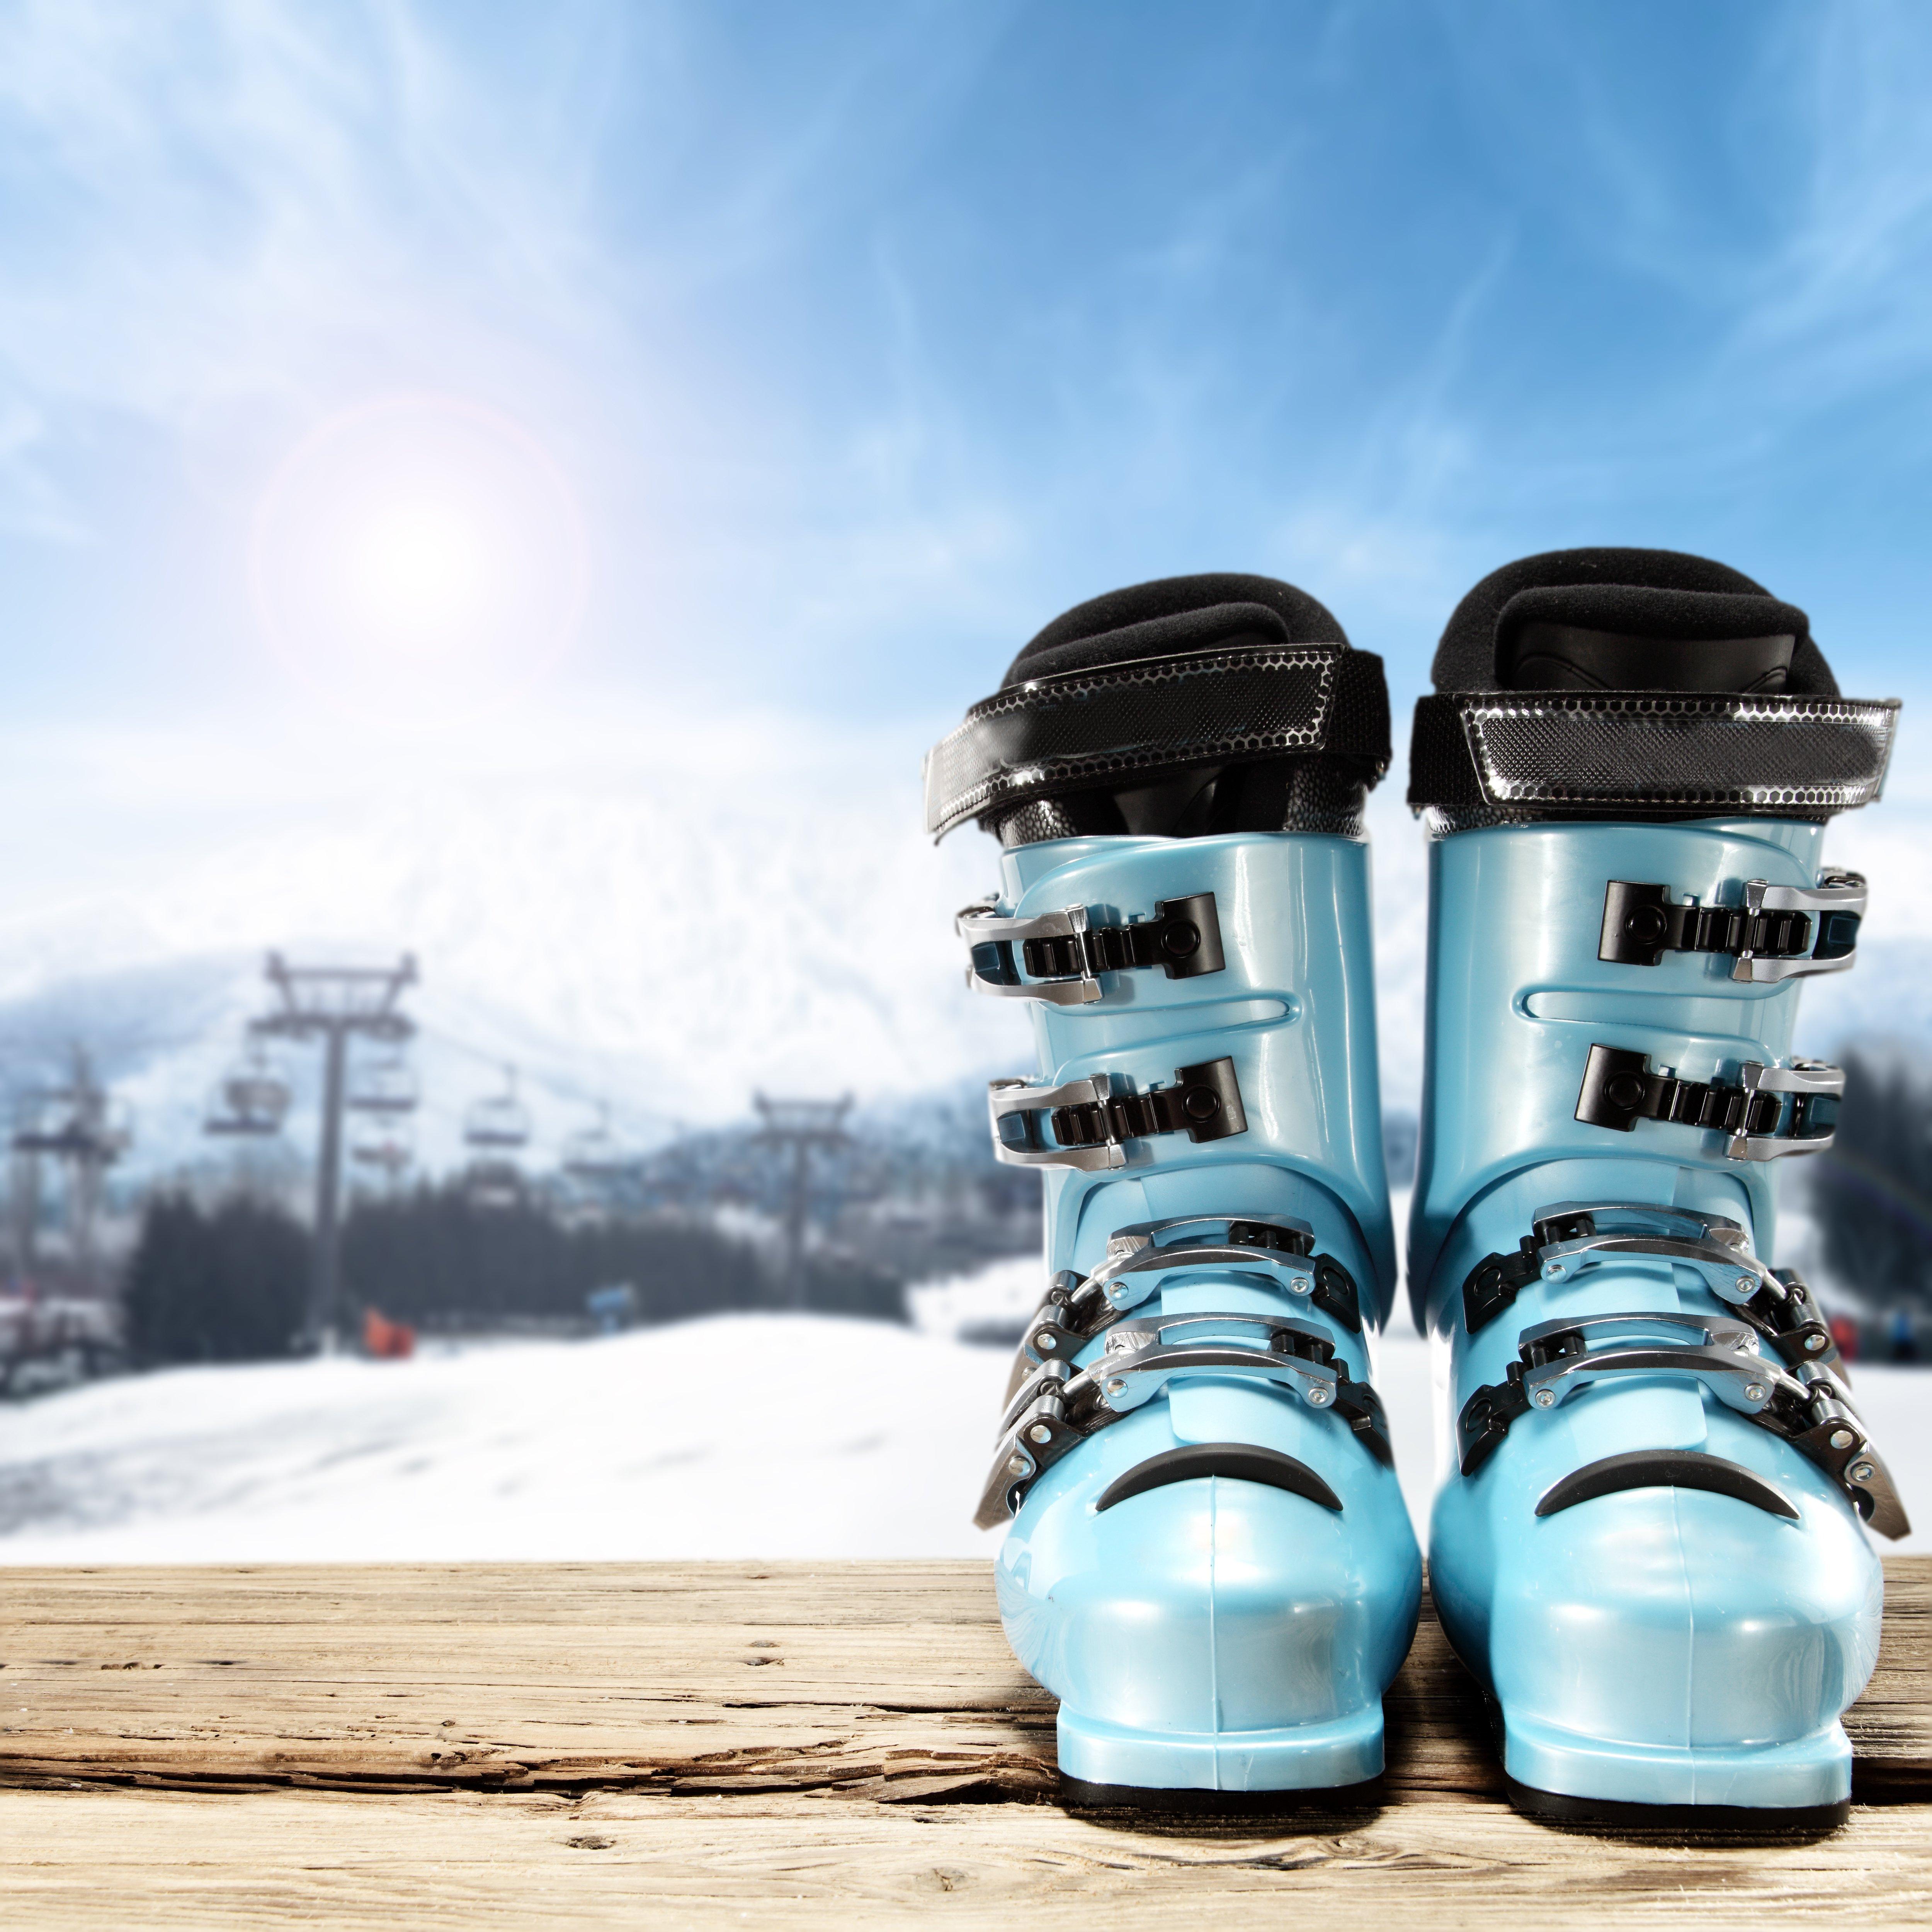 <b>Et proporcionem el material d'esquí!</b>